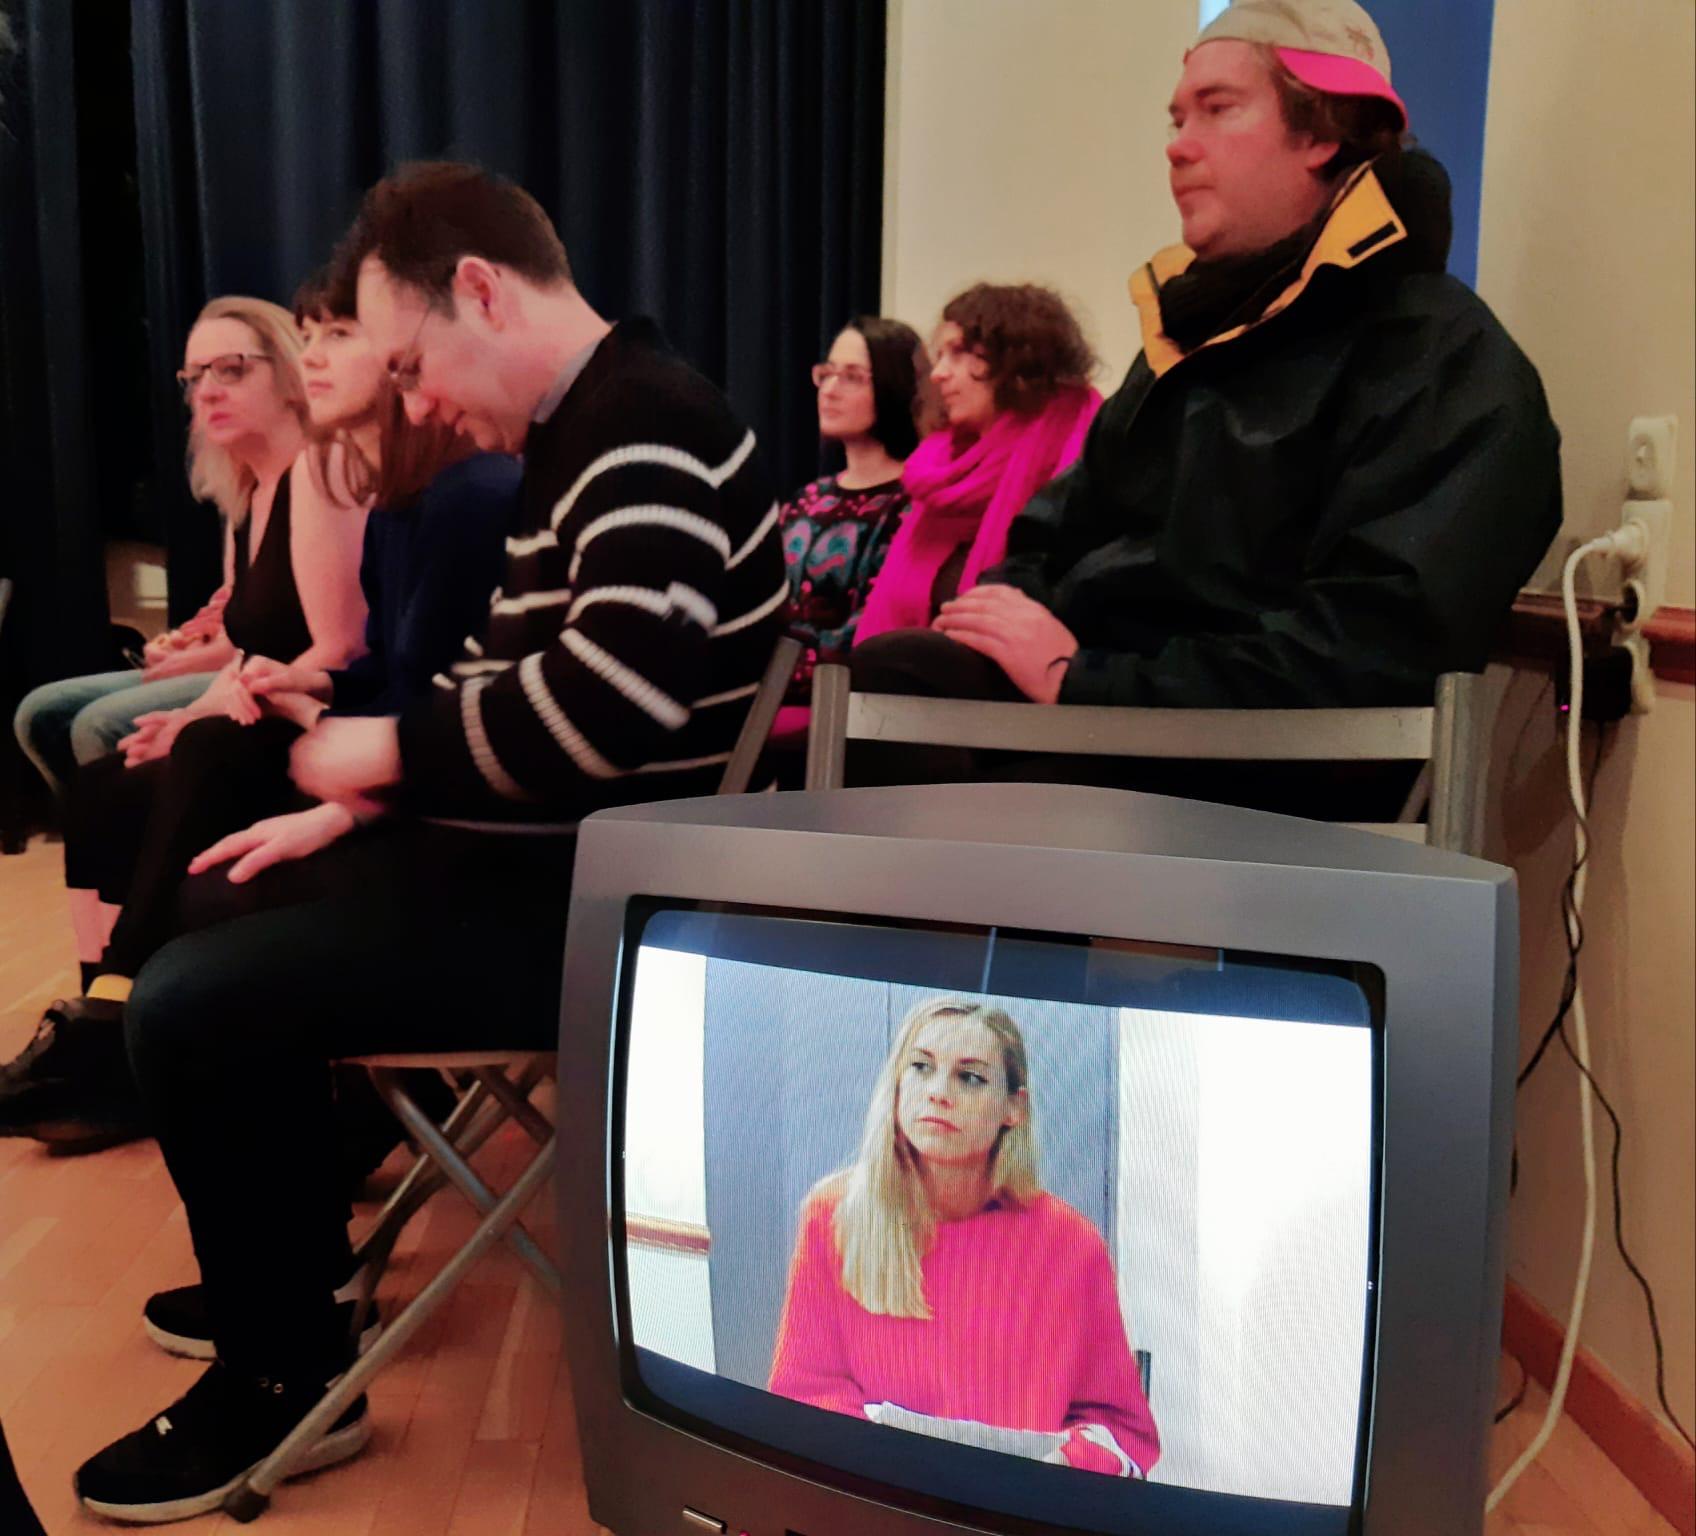 À PROPOS D'ARTAUD  (et autres interviews télévisées)